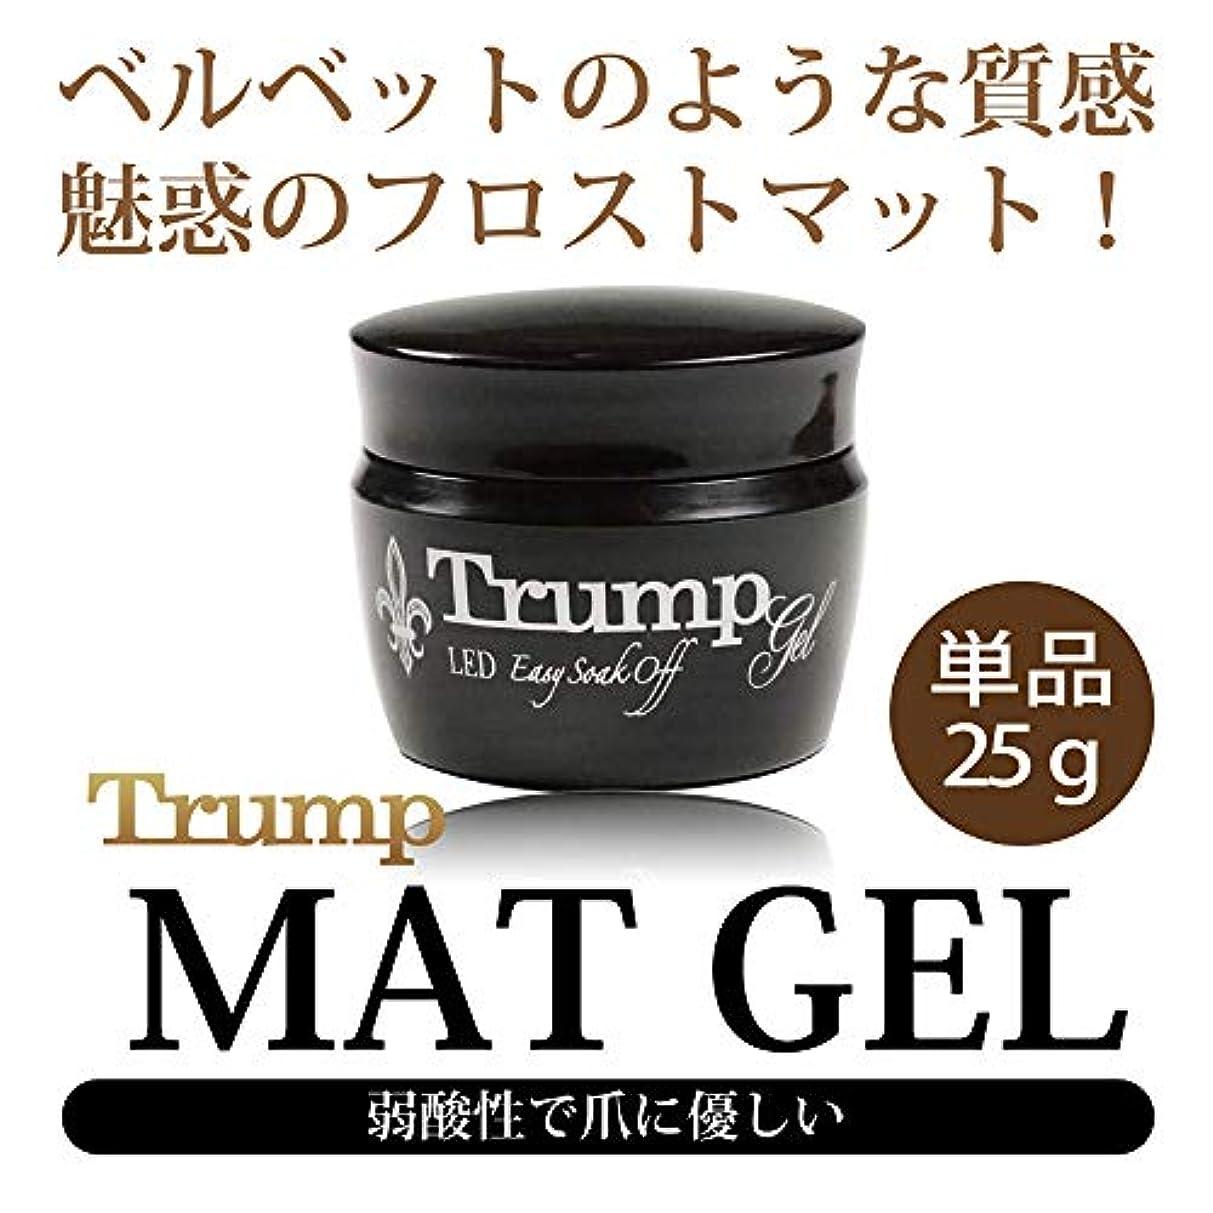 誓い溶融困ったTrump マットコートジェル 25g